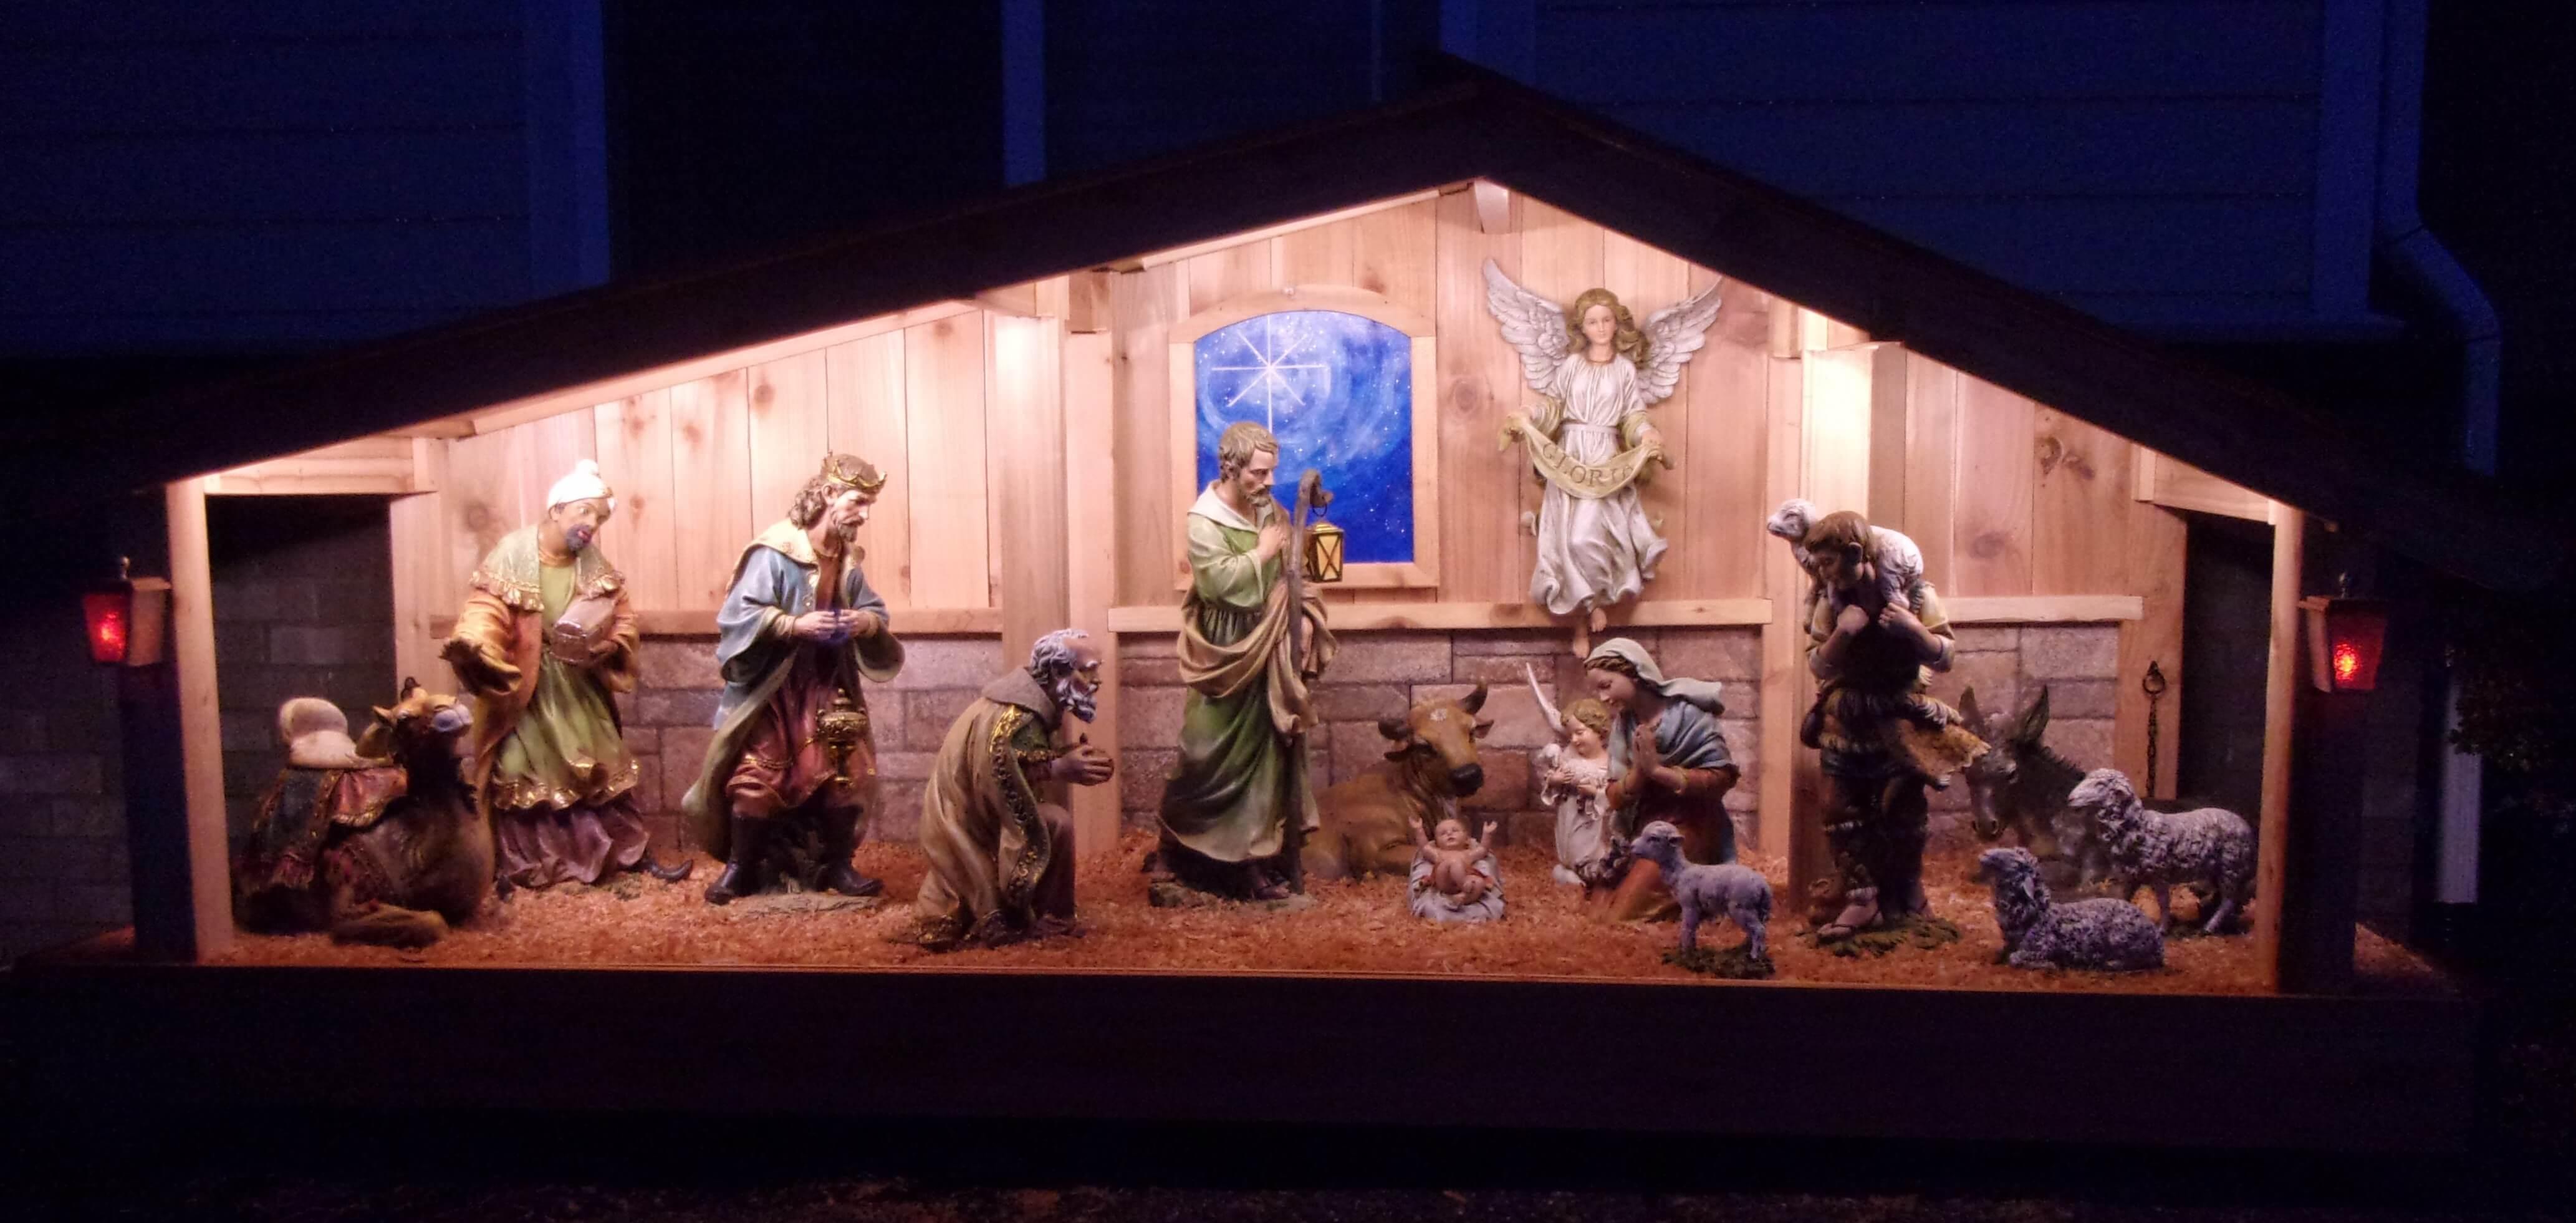 outdoor-nativity-night.jpg